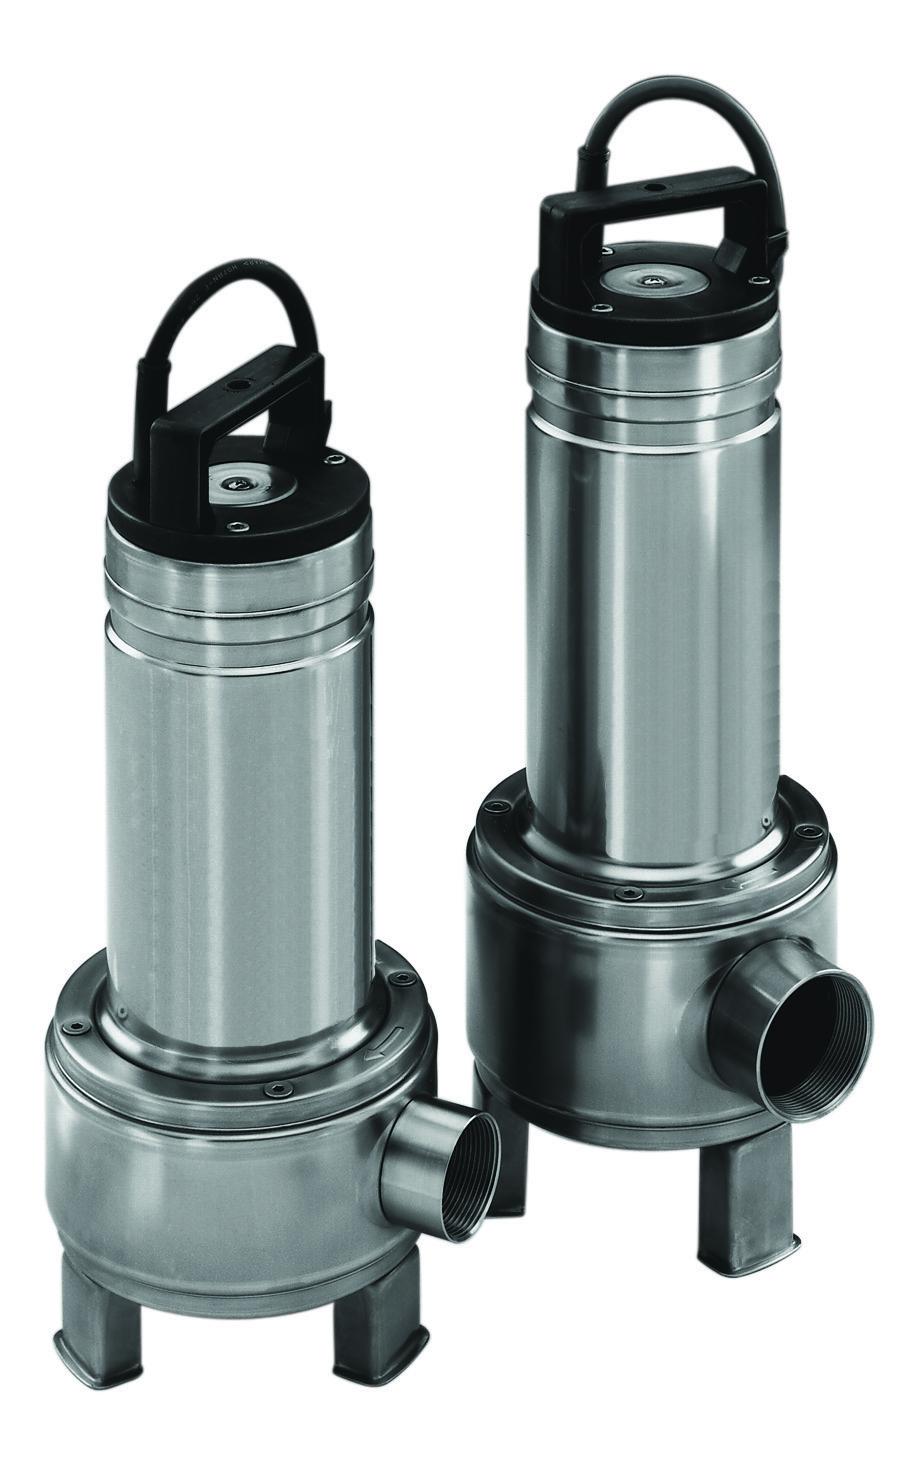 1NS/2NS Submersible Sewage Pump